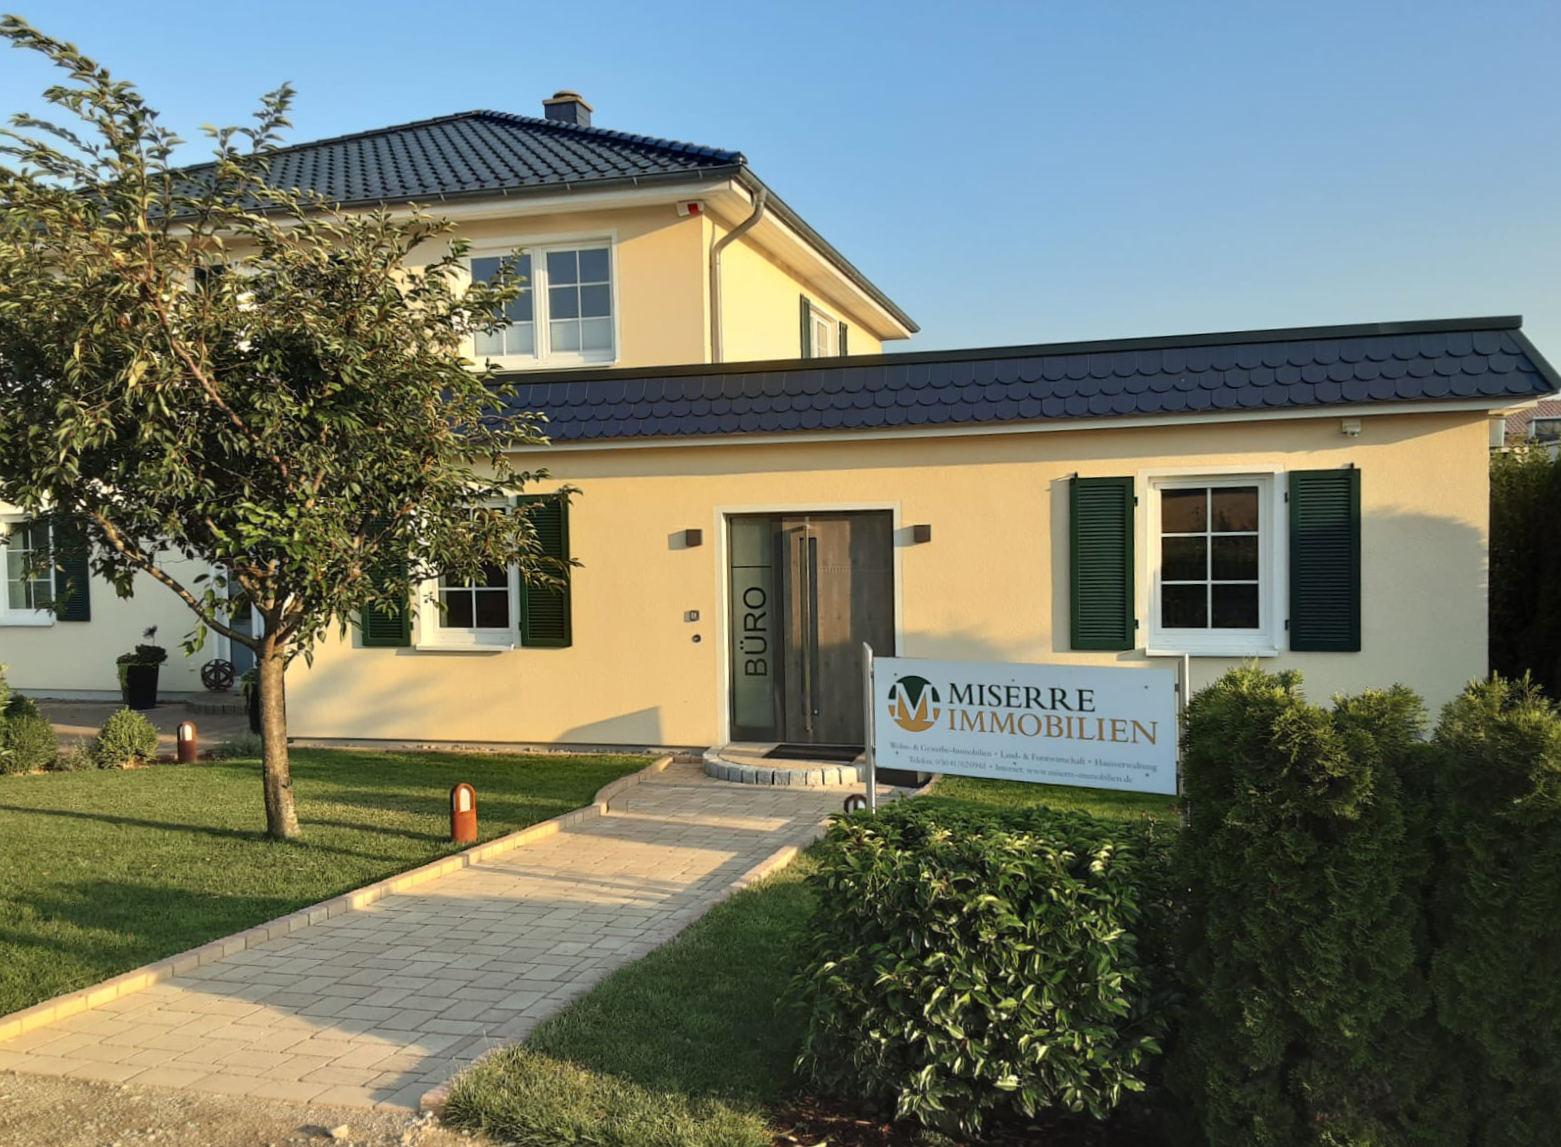 Miserre Immobilien und Hausverwaltung Springe